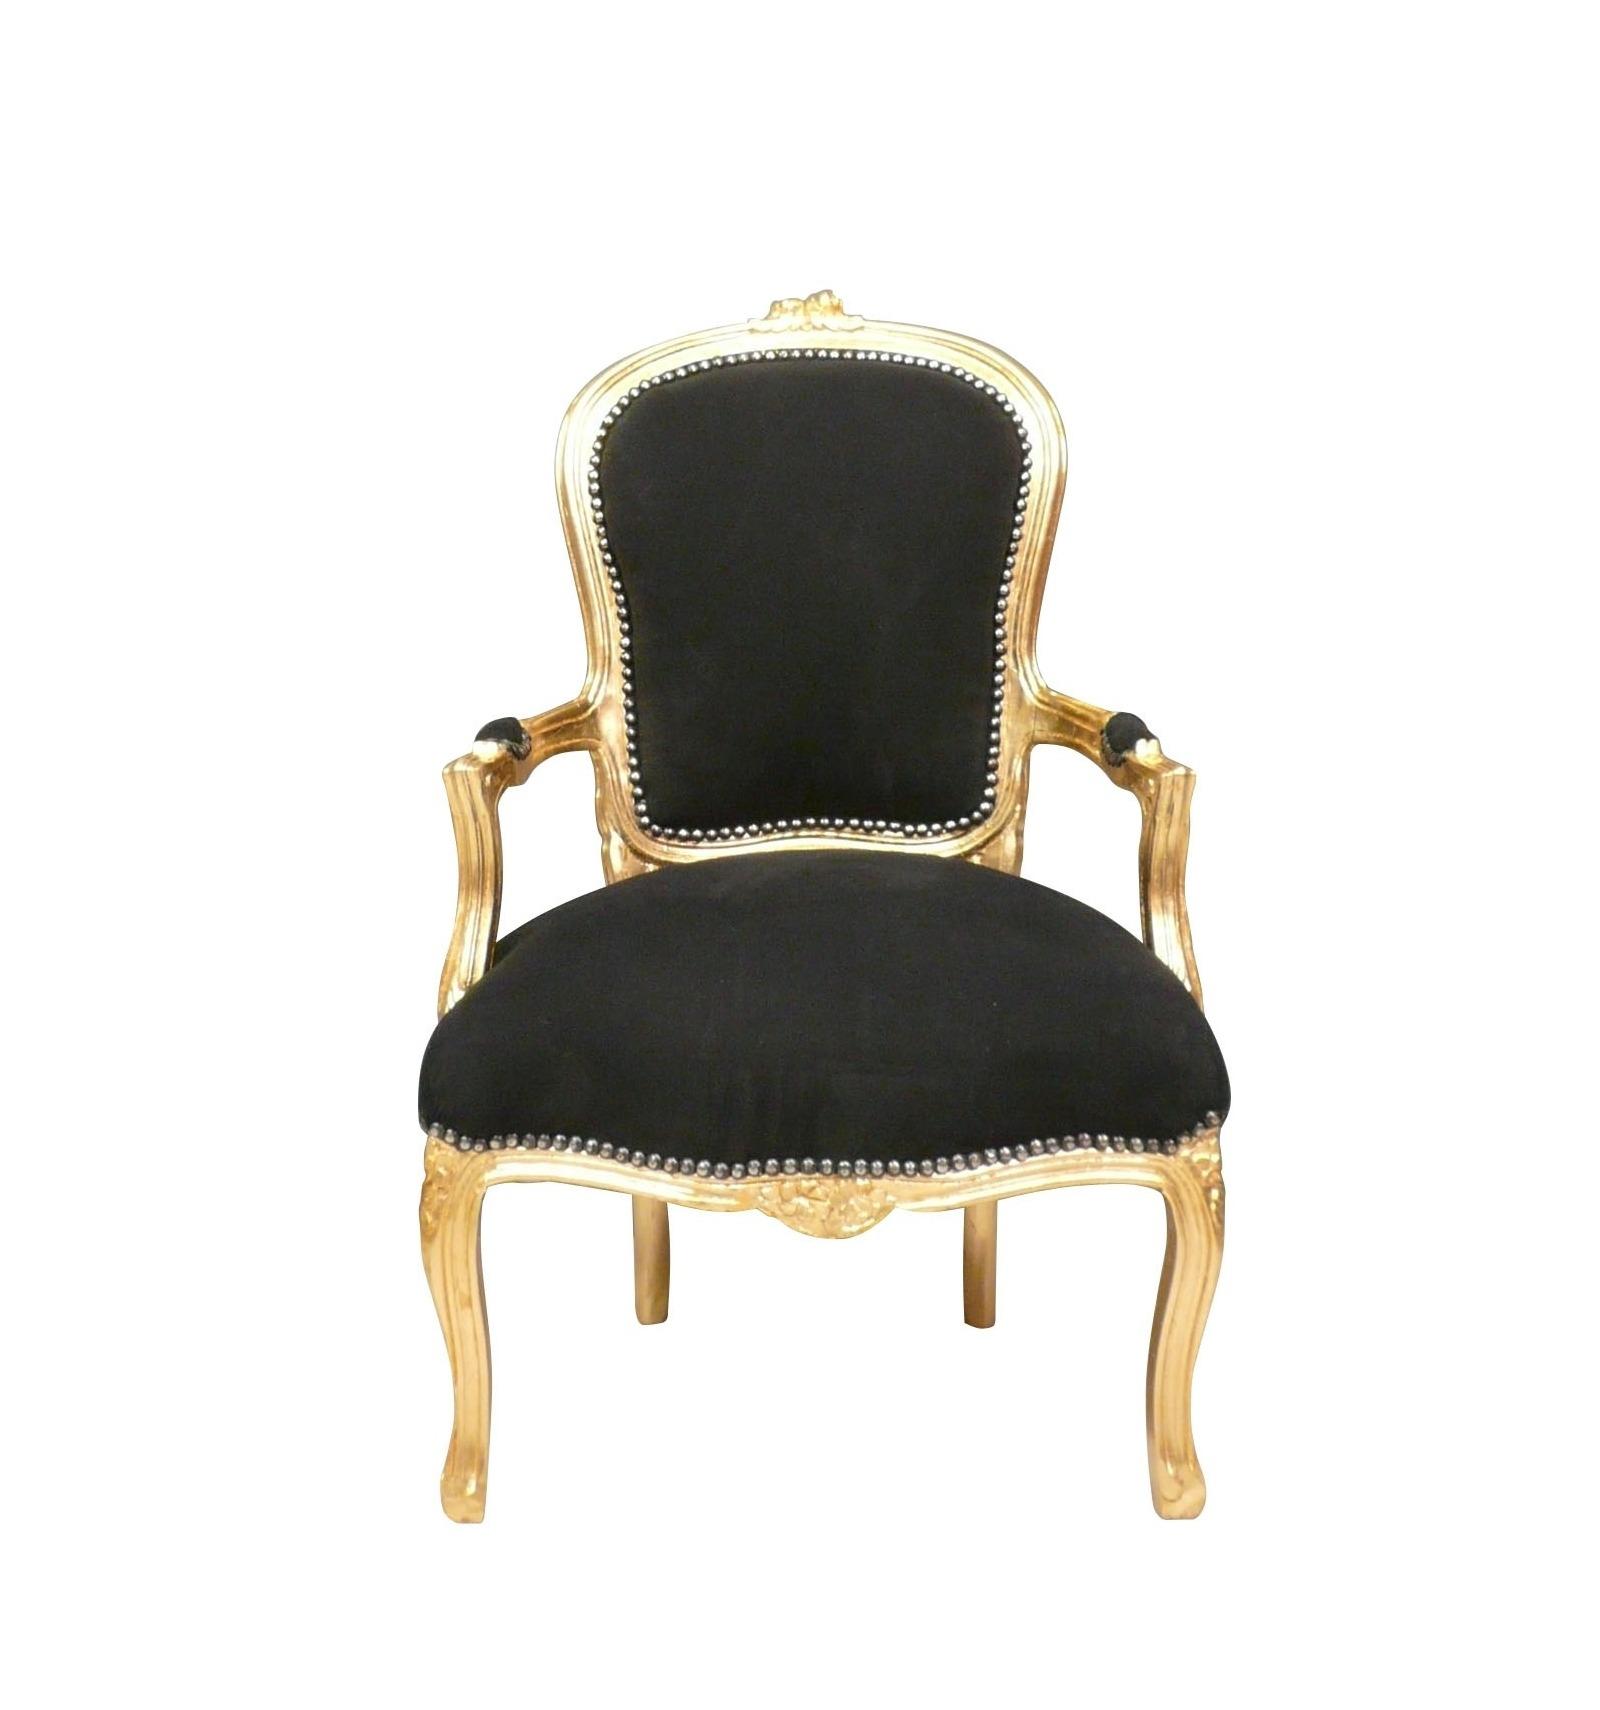 fauteuil louis xv noir et bois dor fauteuils louis xv. Black Bedroom Furniture Sets. Home Design Ideas